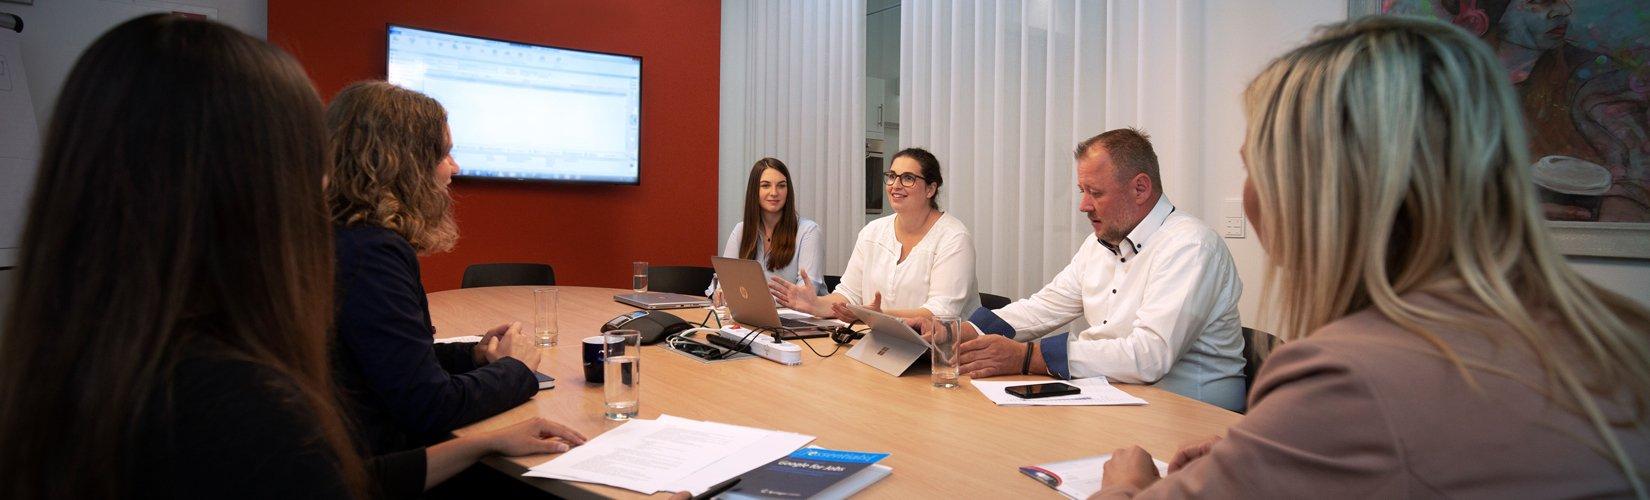 HR-Team bei der Besprechung